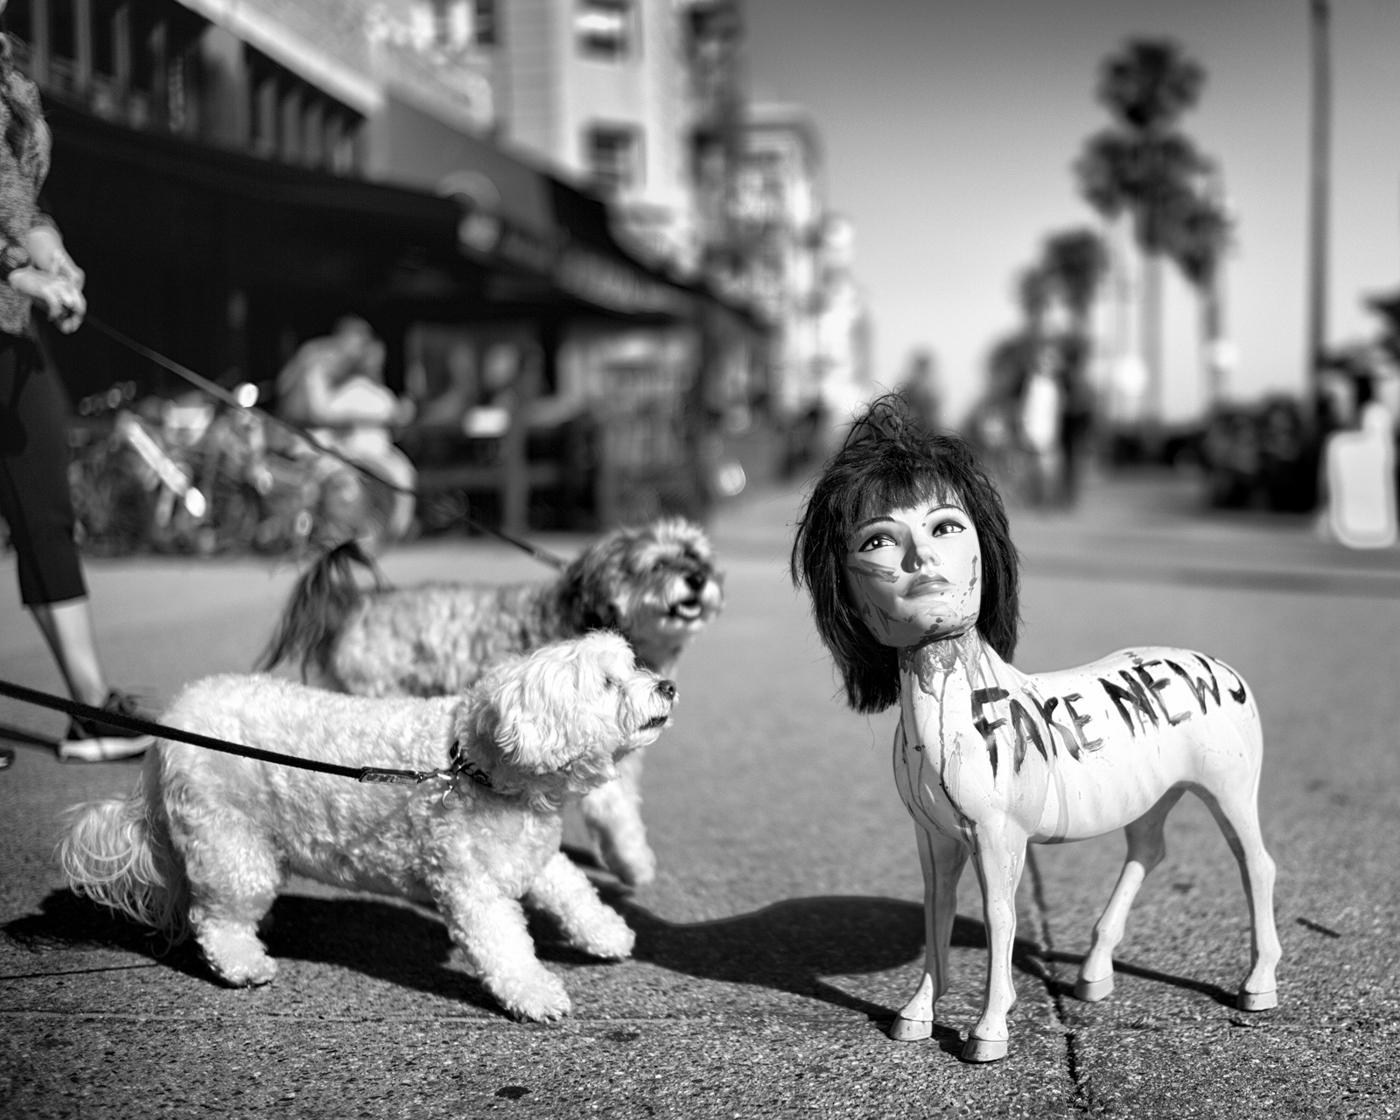 Fake News © Dotan Saguy